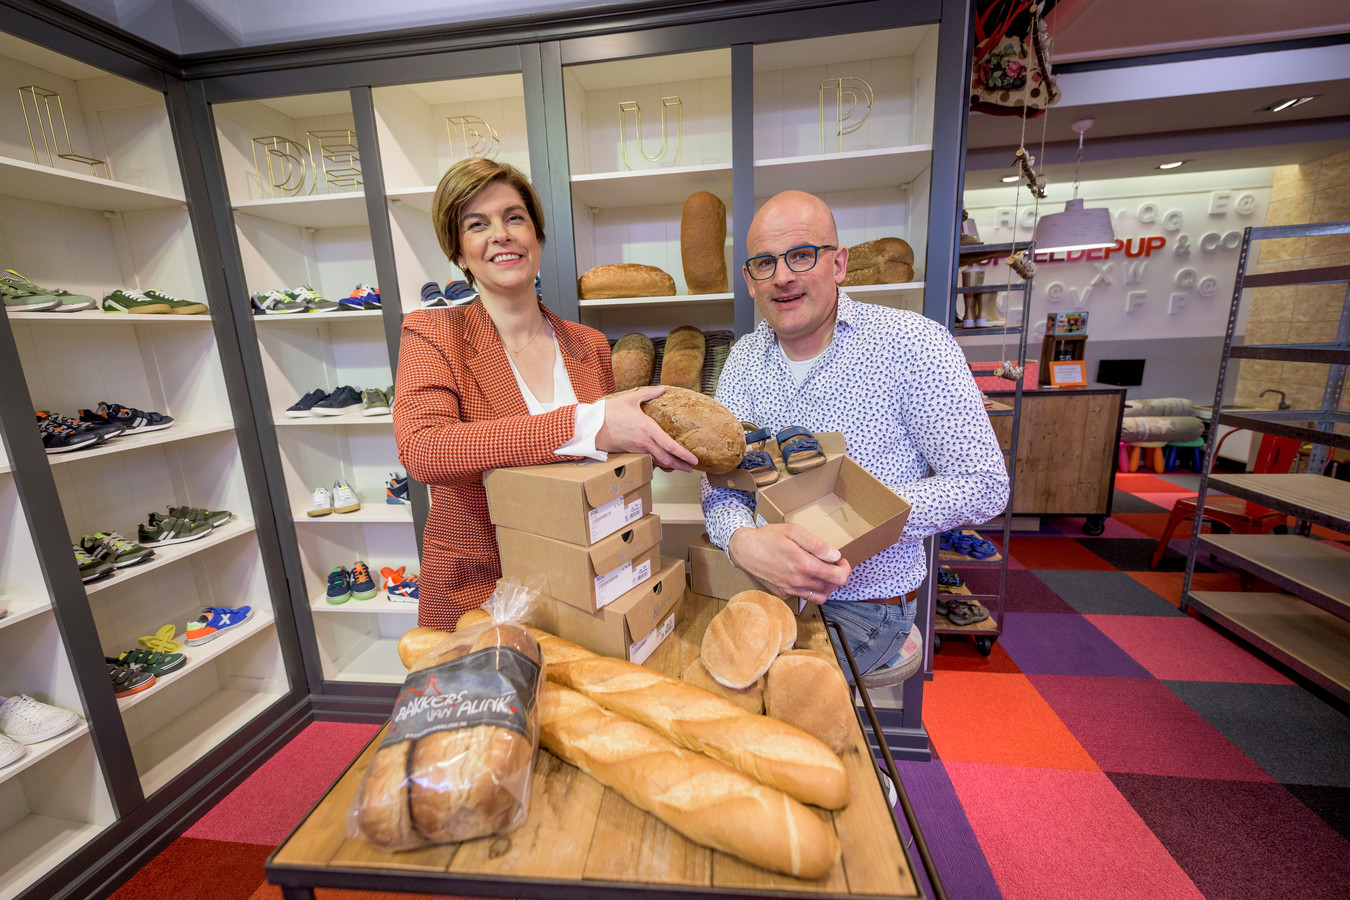 Frank en Nancy Hermelink verruilen de kinderschoenen voor brood, op dezelfde locatie.